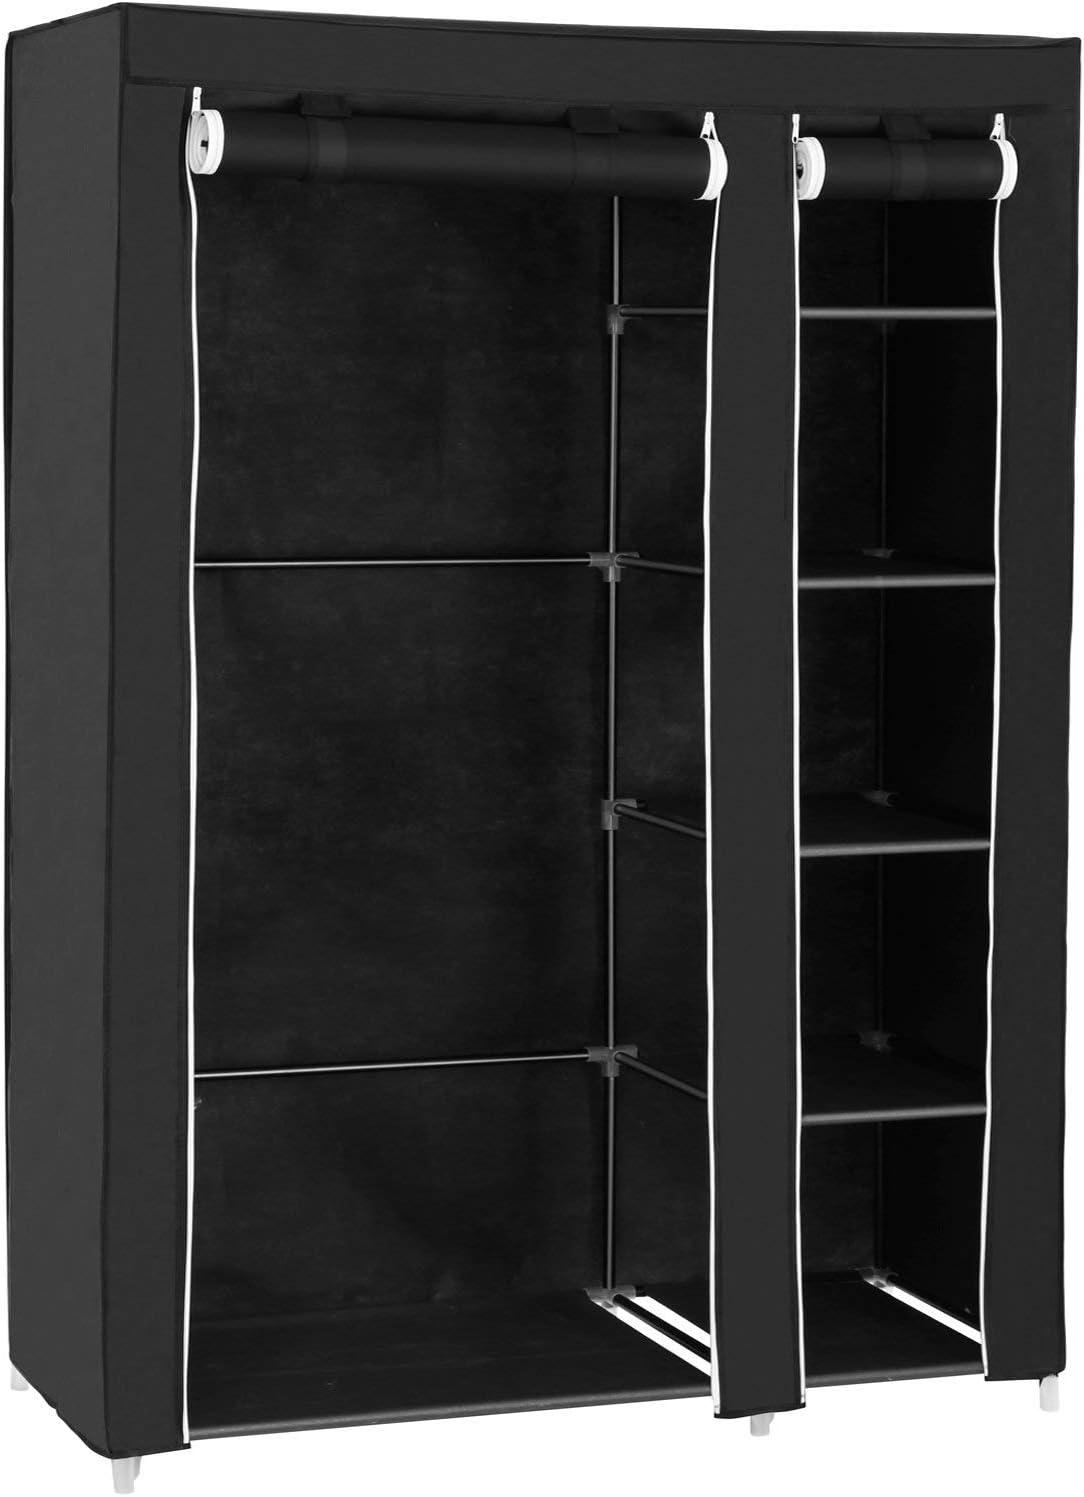 SONGMICS Armario de Tela, Organizador Textil Plegable, Zapatero, 175 x 110 x 45 cm, Color Negro LSF007